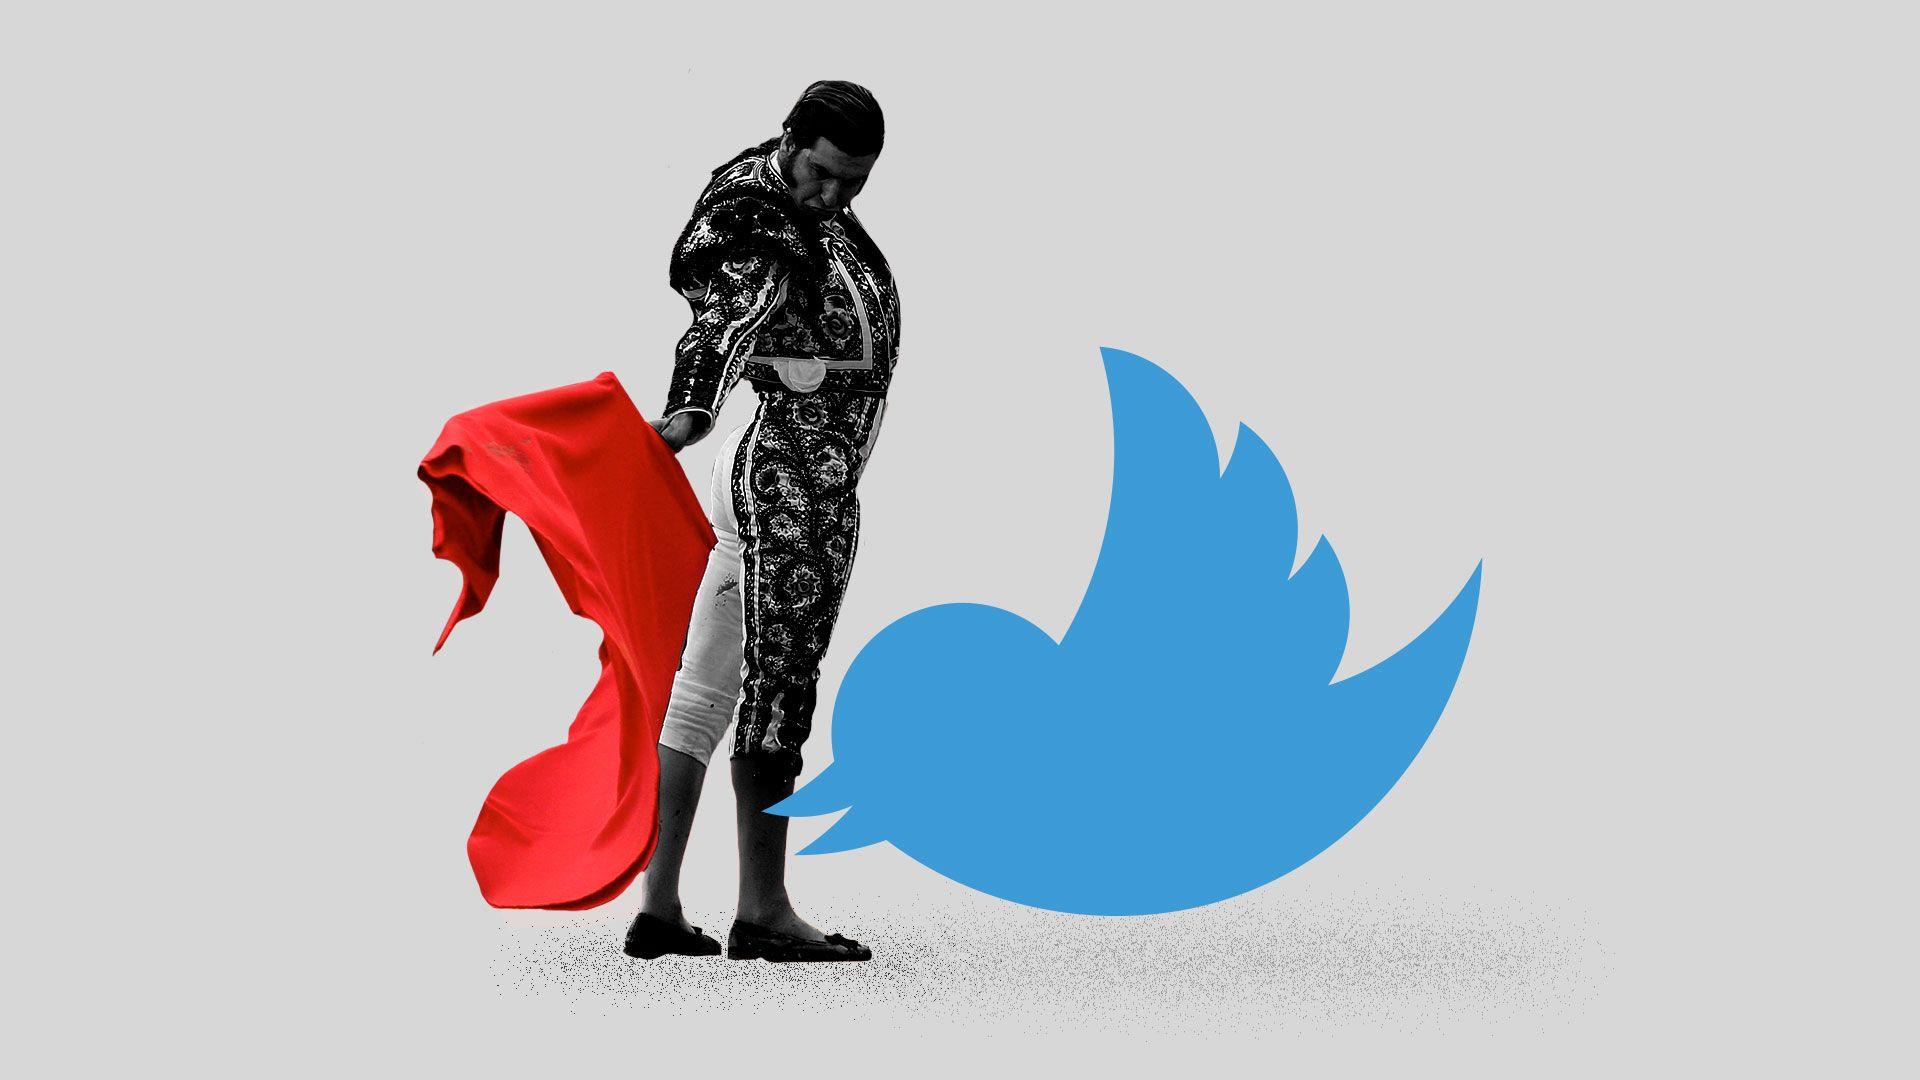 Illustration of a matador using a cape on a Twitter bird.